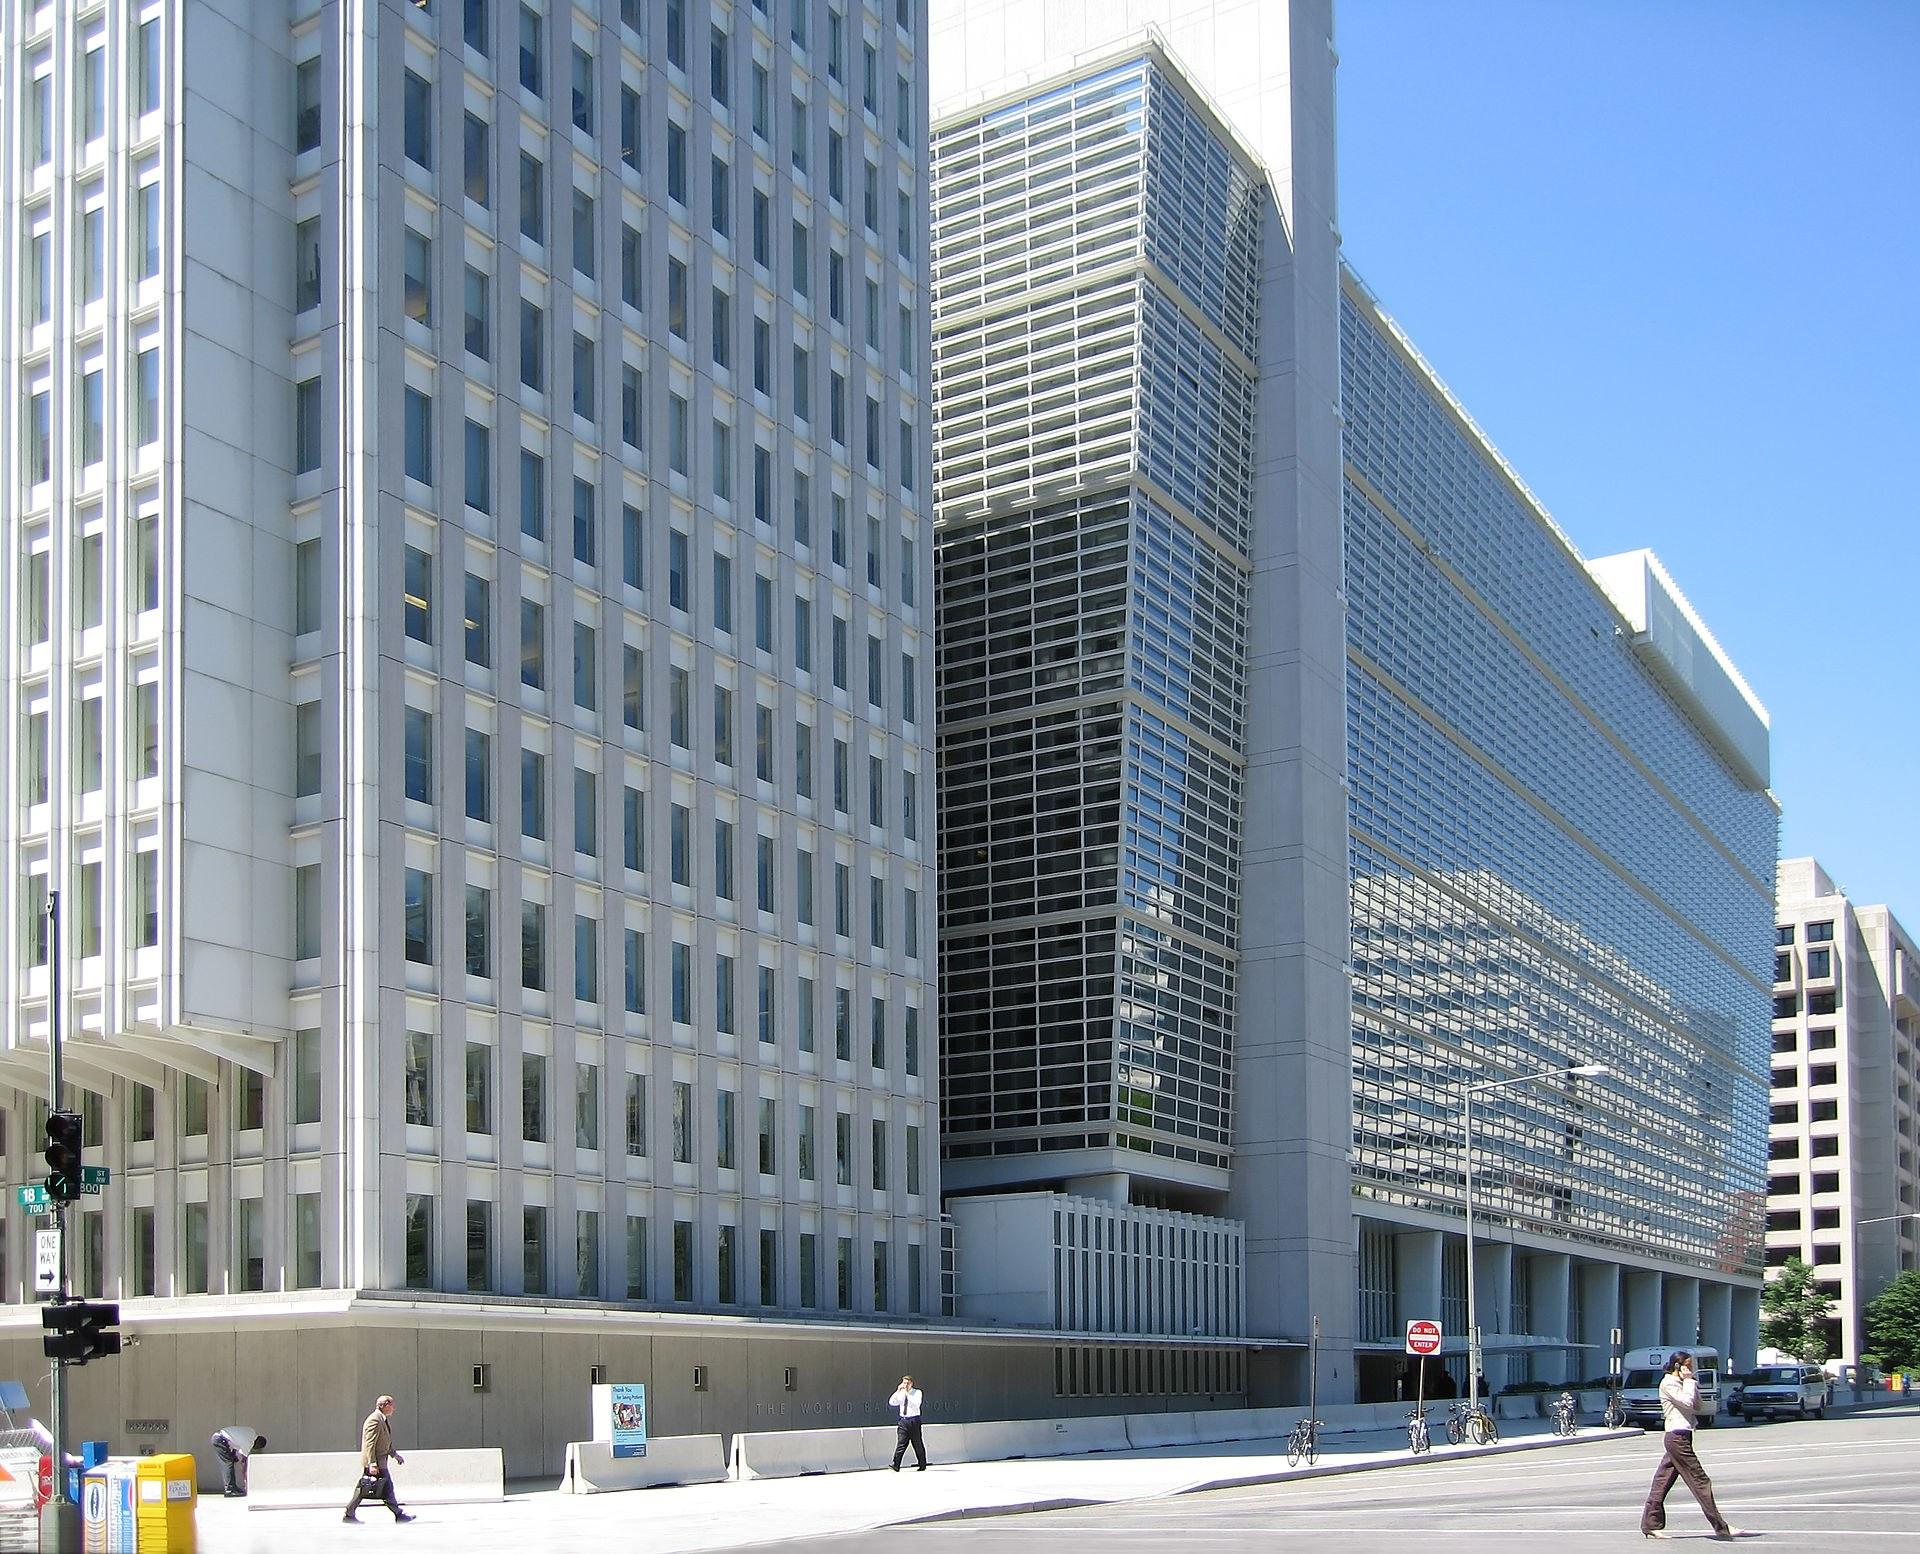 Banque Mondiale, Coronavirus: La banque Mondiale annonce jusqu'à 12 milliards de dollars d'aide rapide pour la lutte contre le coronavirus